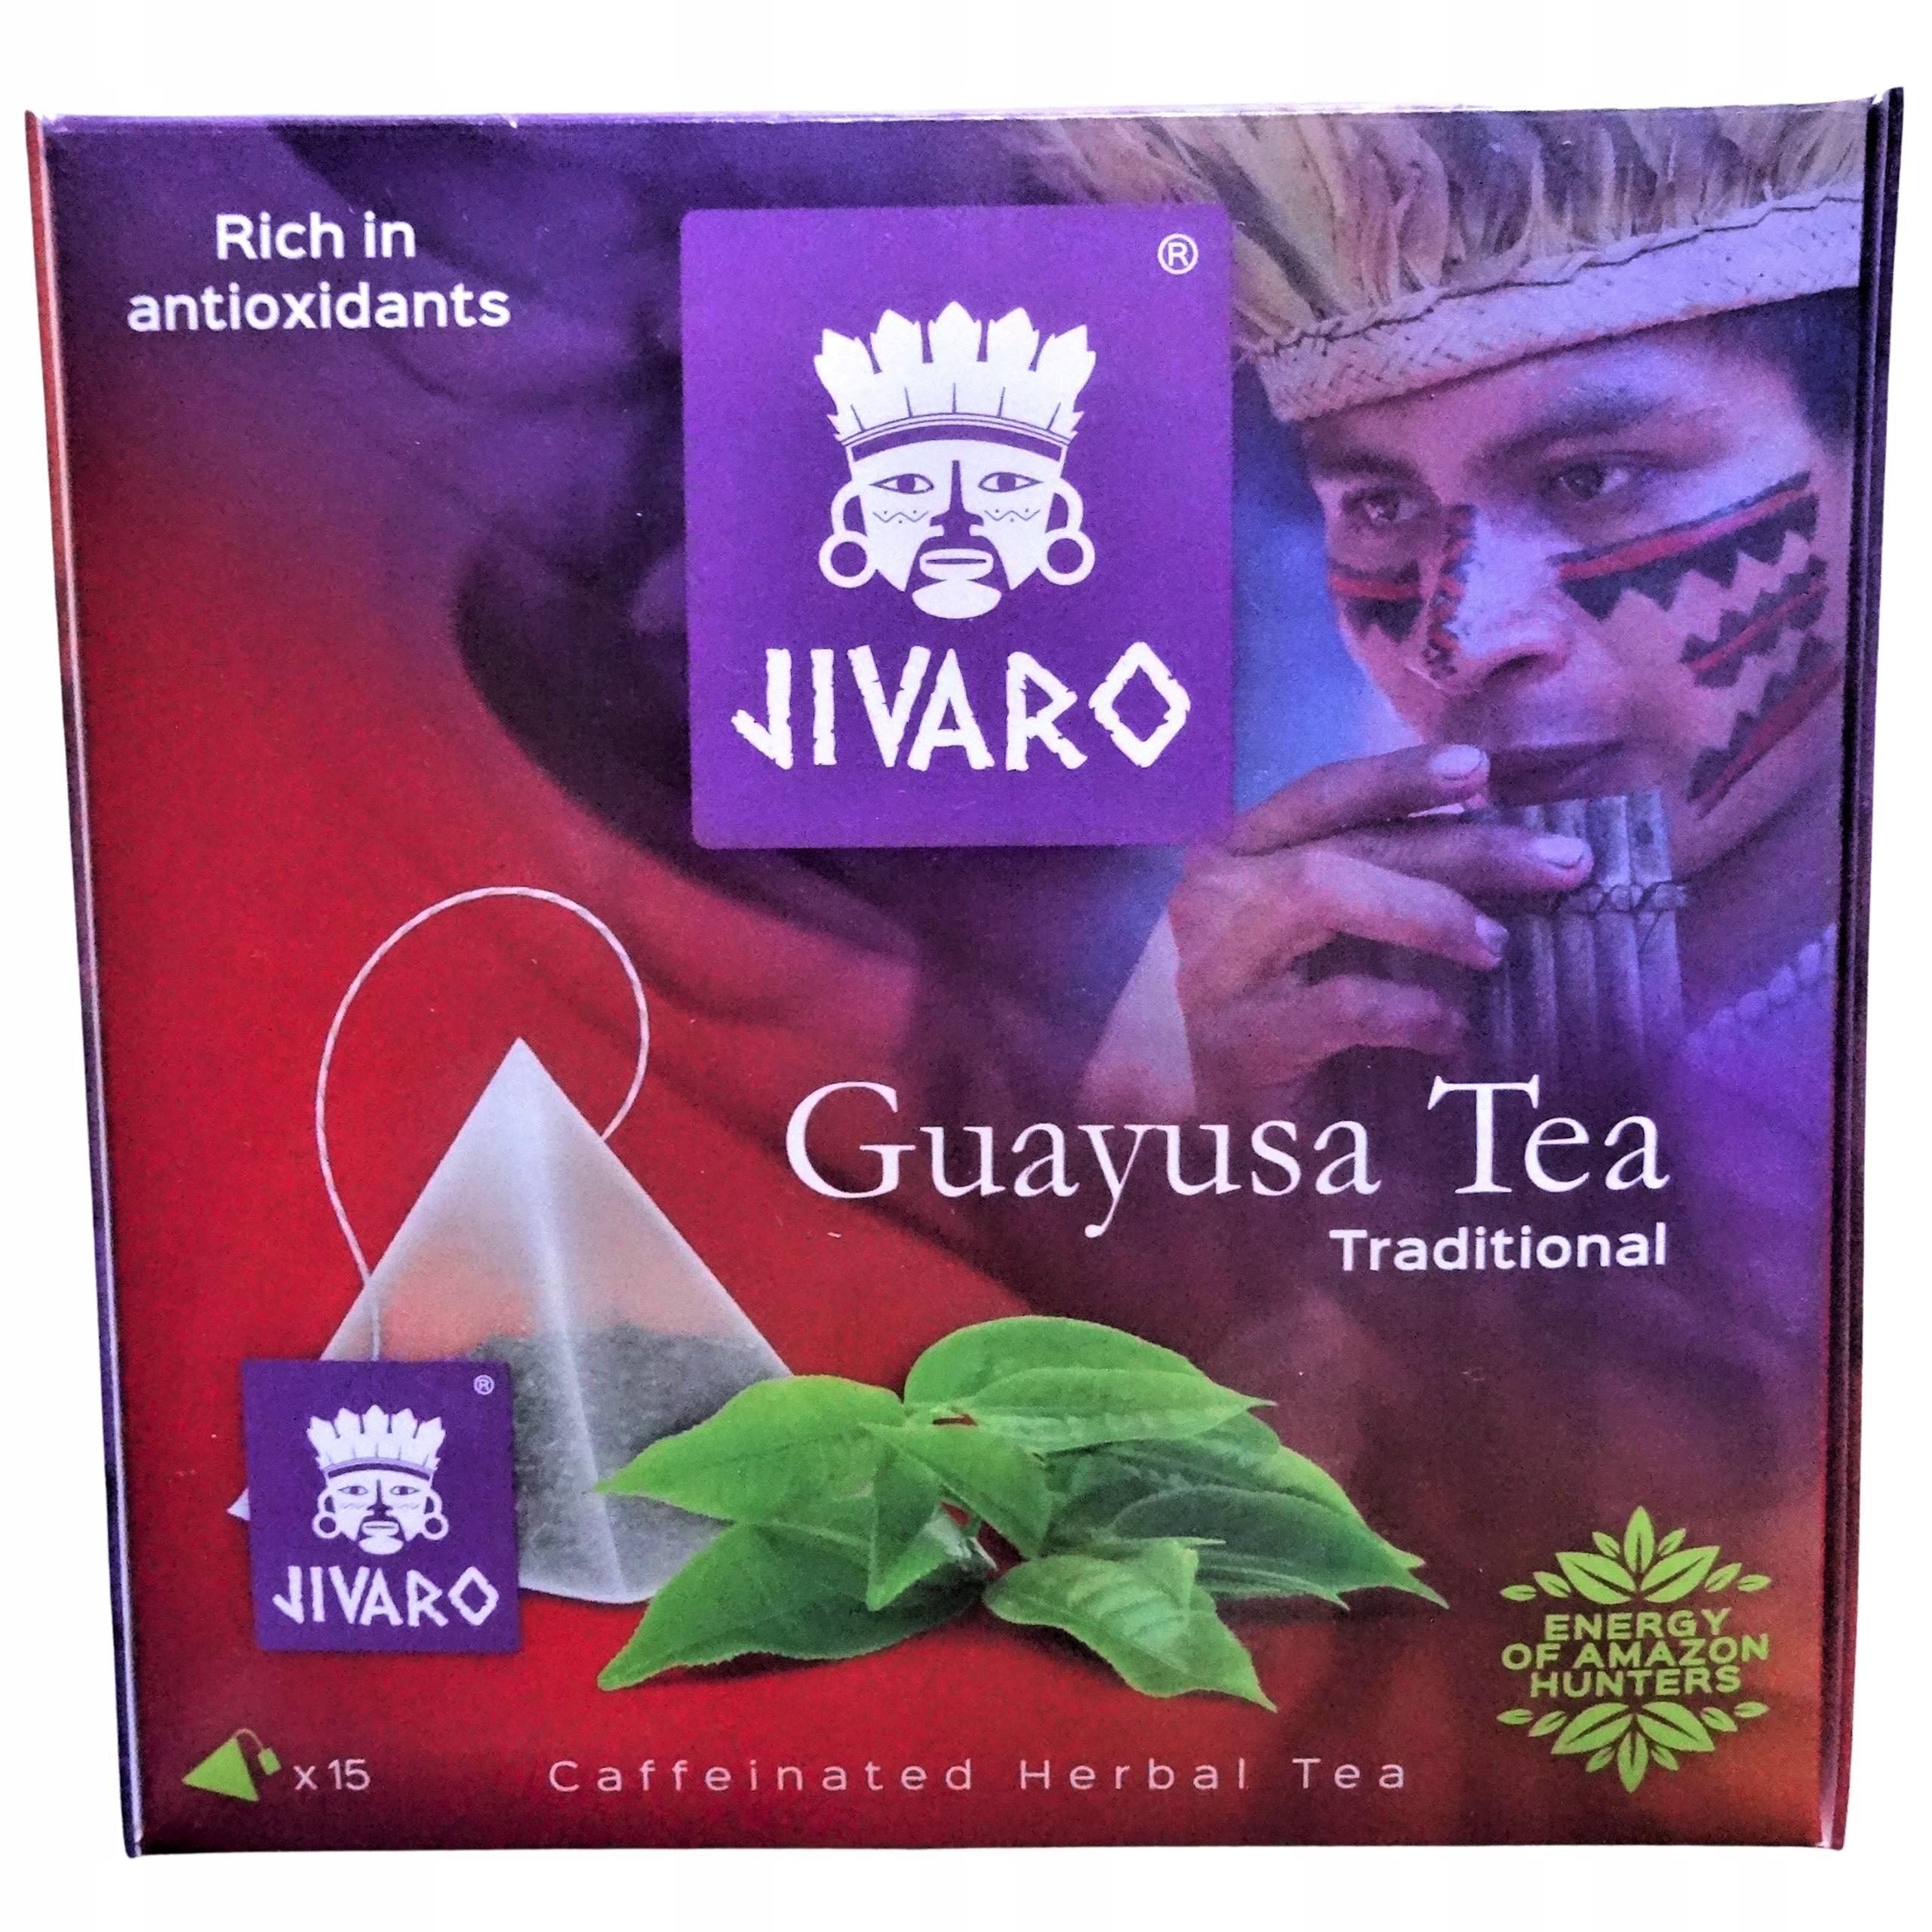 GUAYUSA Herbata JIVARO ZIELONA ENERGIA ENRGIA SLIM Cechy dodatkowe ekologiczne koszerne niskotłuszczowe odpowiednie dla diety ketogenicznej raw (surowe) superfood wegańskie wegetariańskie